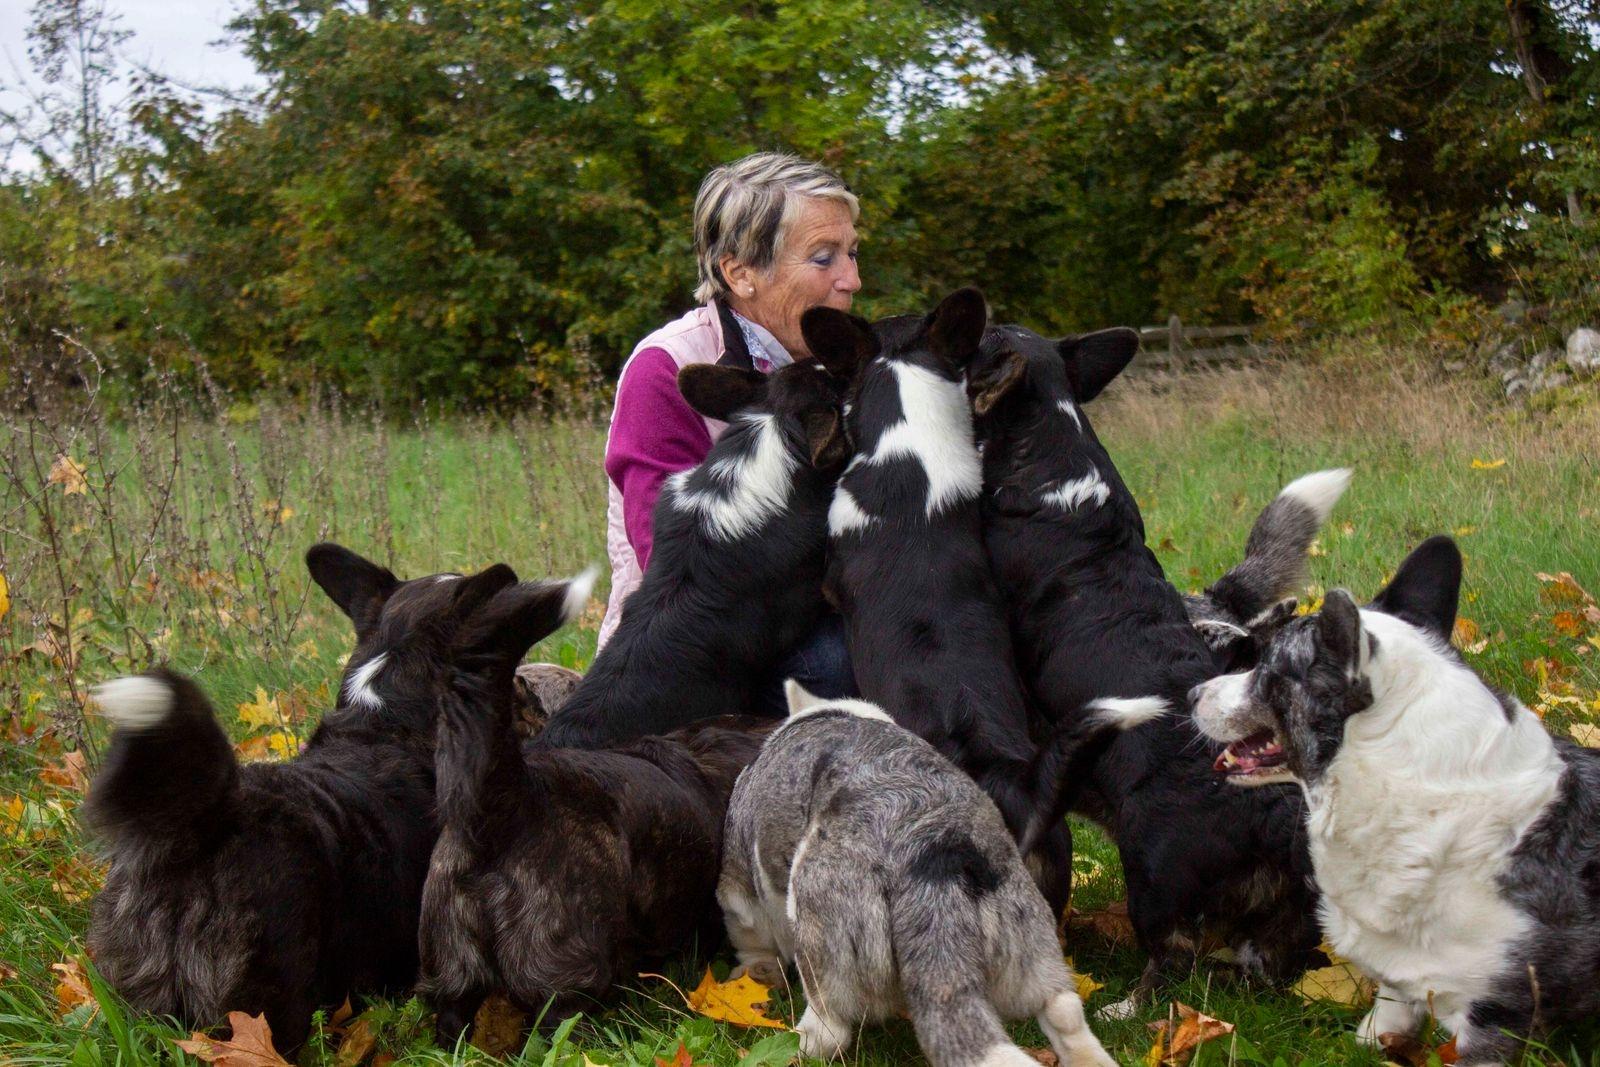 Ibland kan det bli överväldigande med åtta hundar som vill ha godis samtidigt.